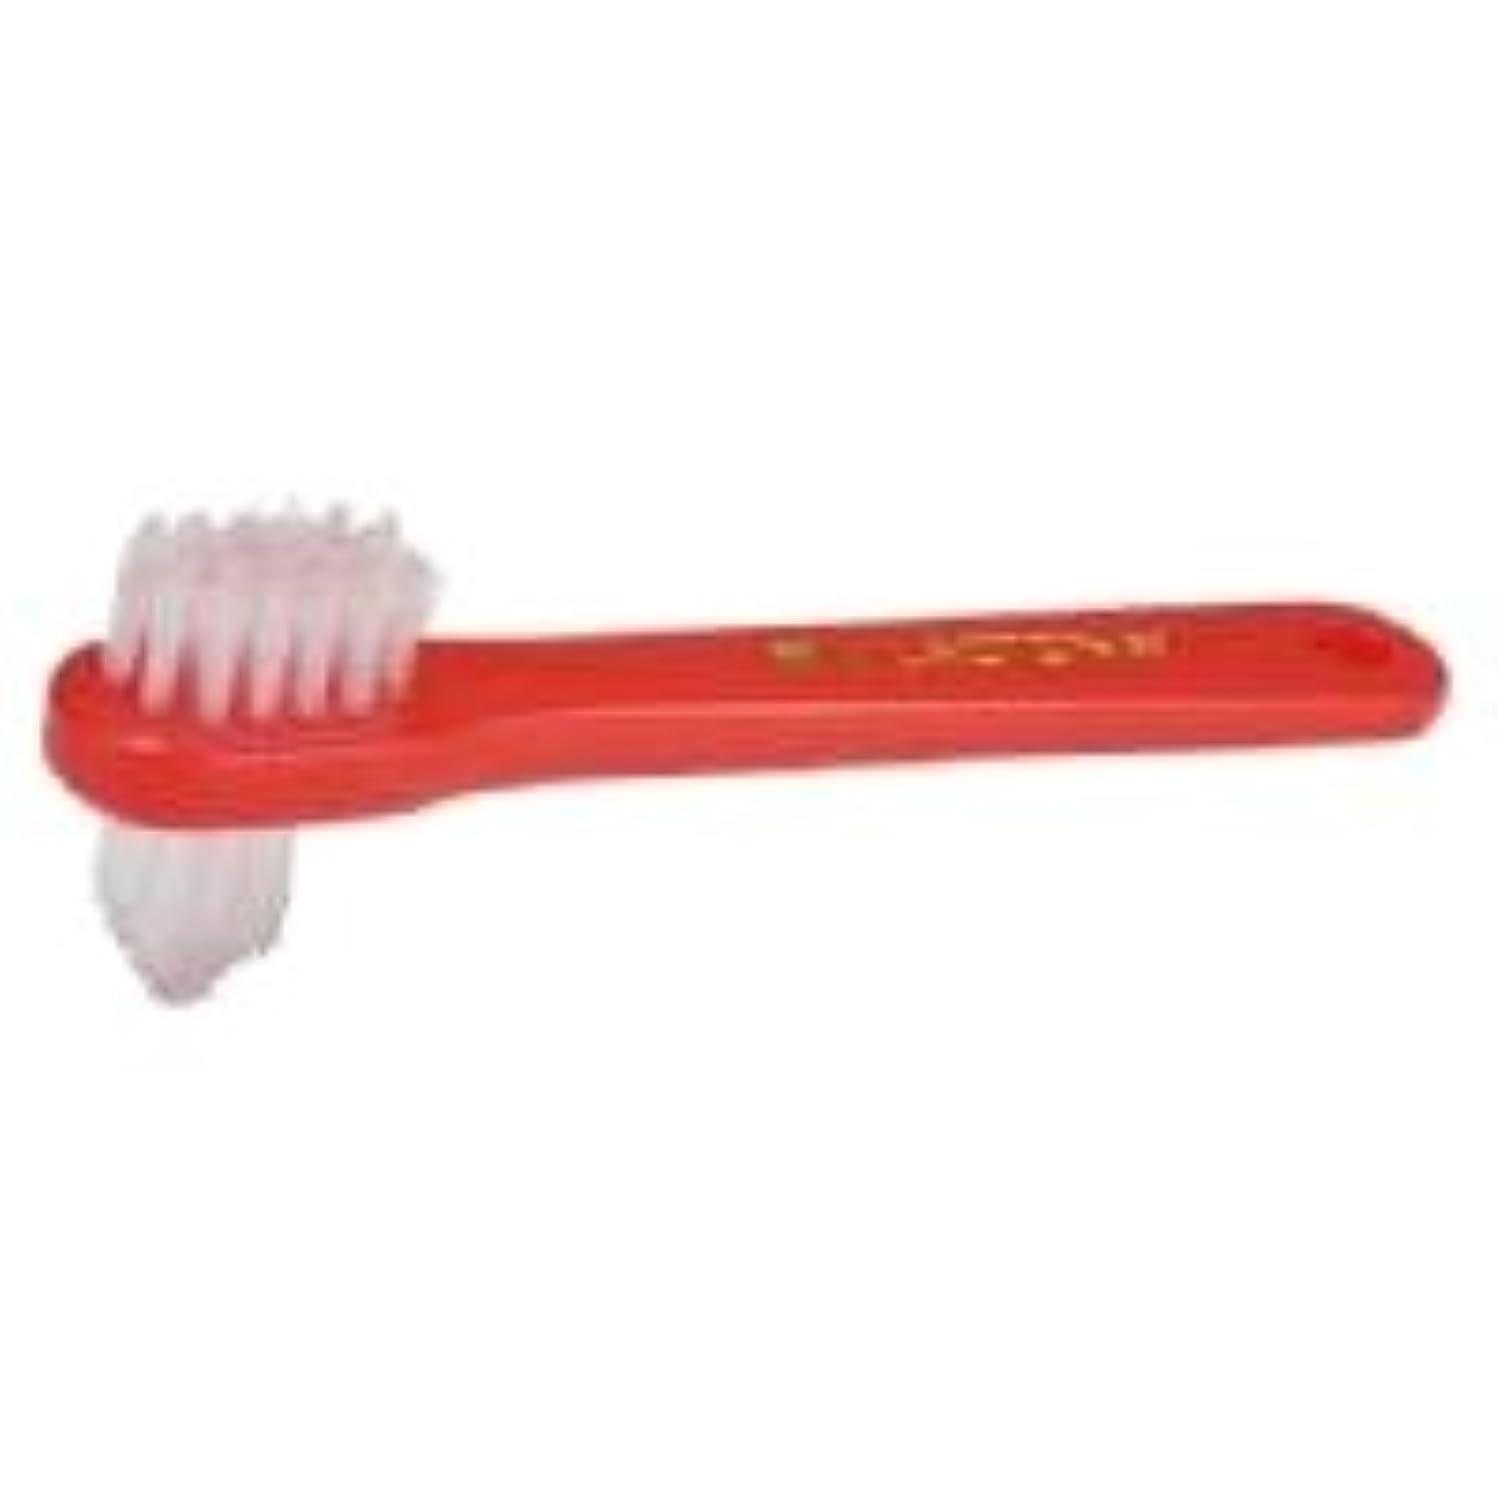 ブラスト毎日見えない【ラクトナ】【歯科用】ラクトナ歯ブラシ #500 M 1本【義歯用ブラシ】